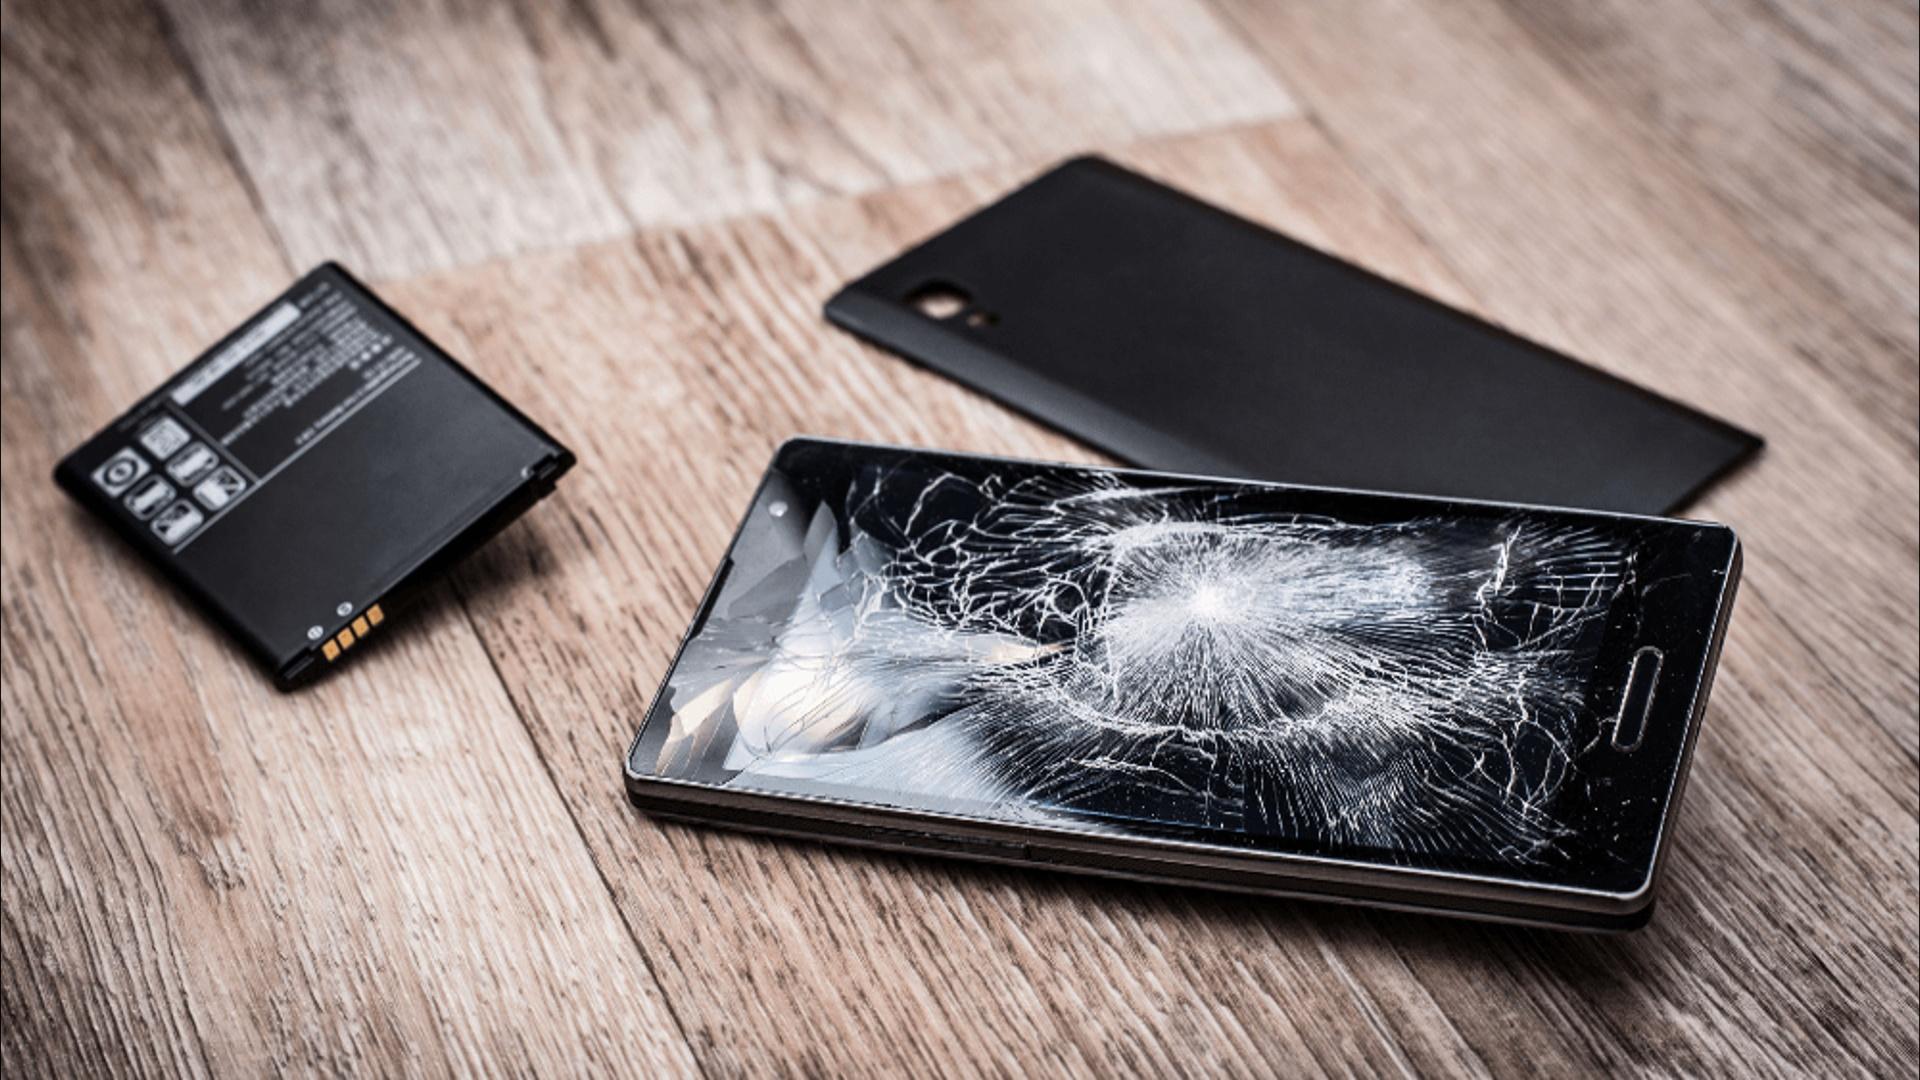 Smartfonlar üçün özü bərpaolunan ekran yaradılıb